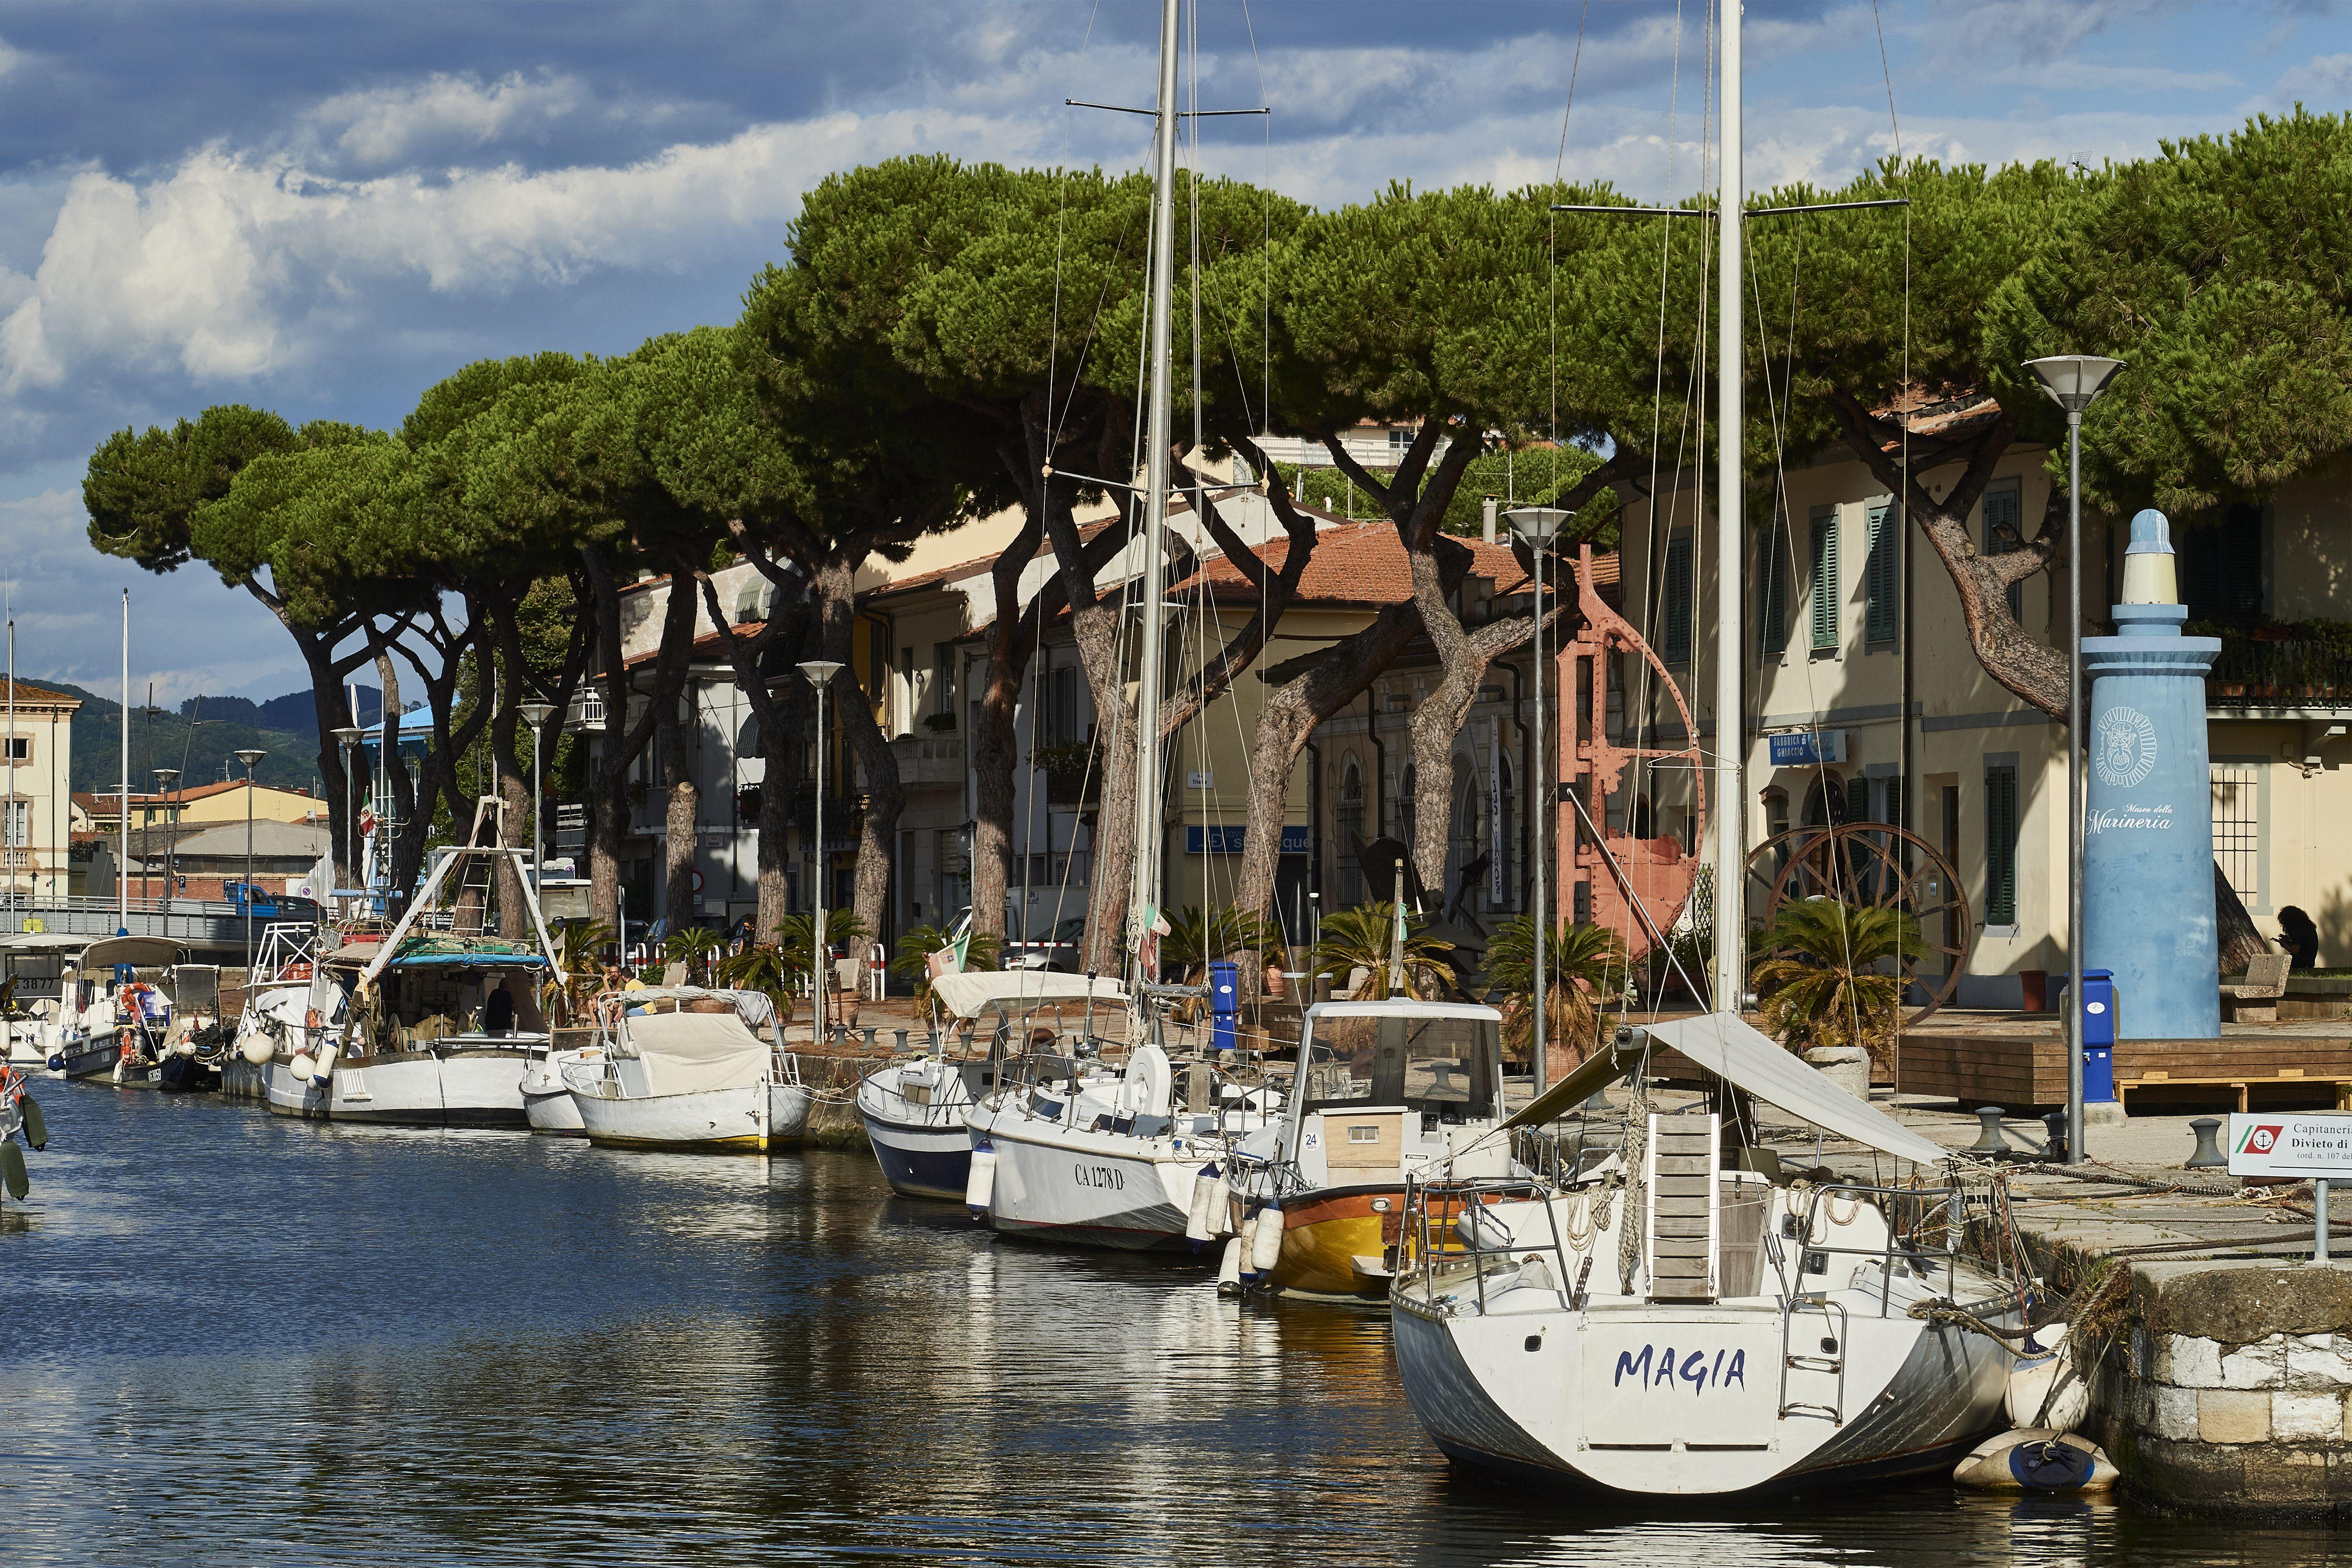 Port of Viareggio, Tuscany, Italy